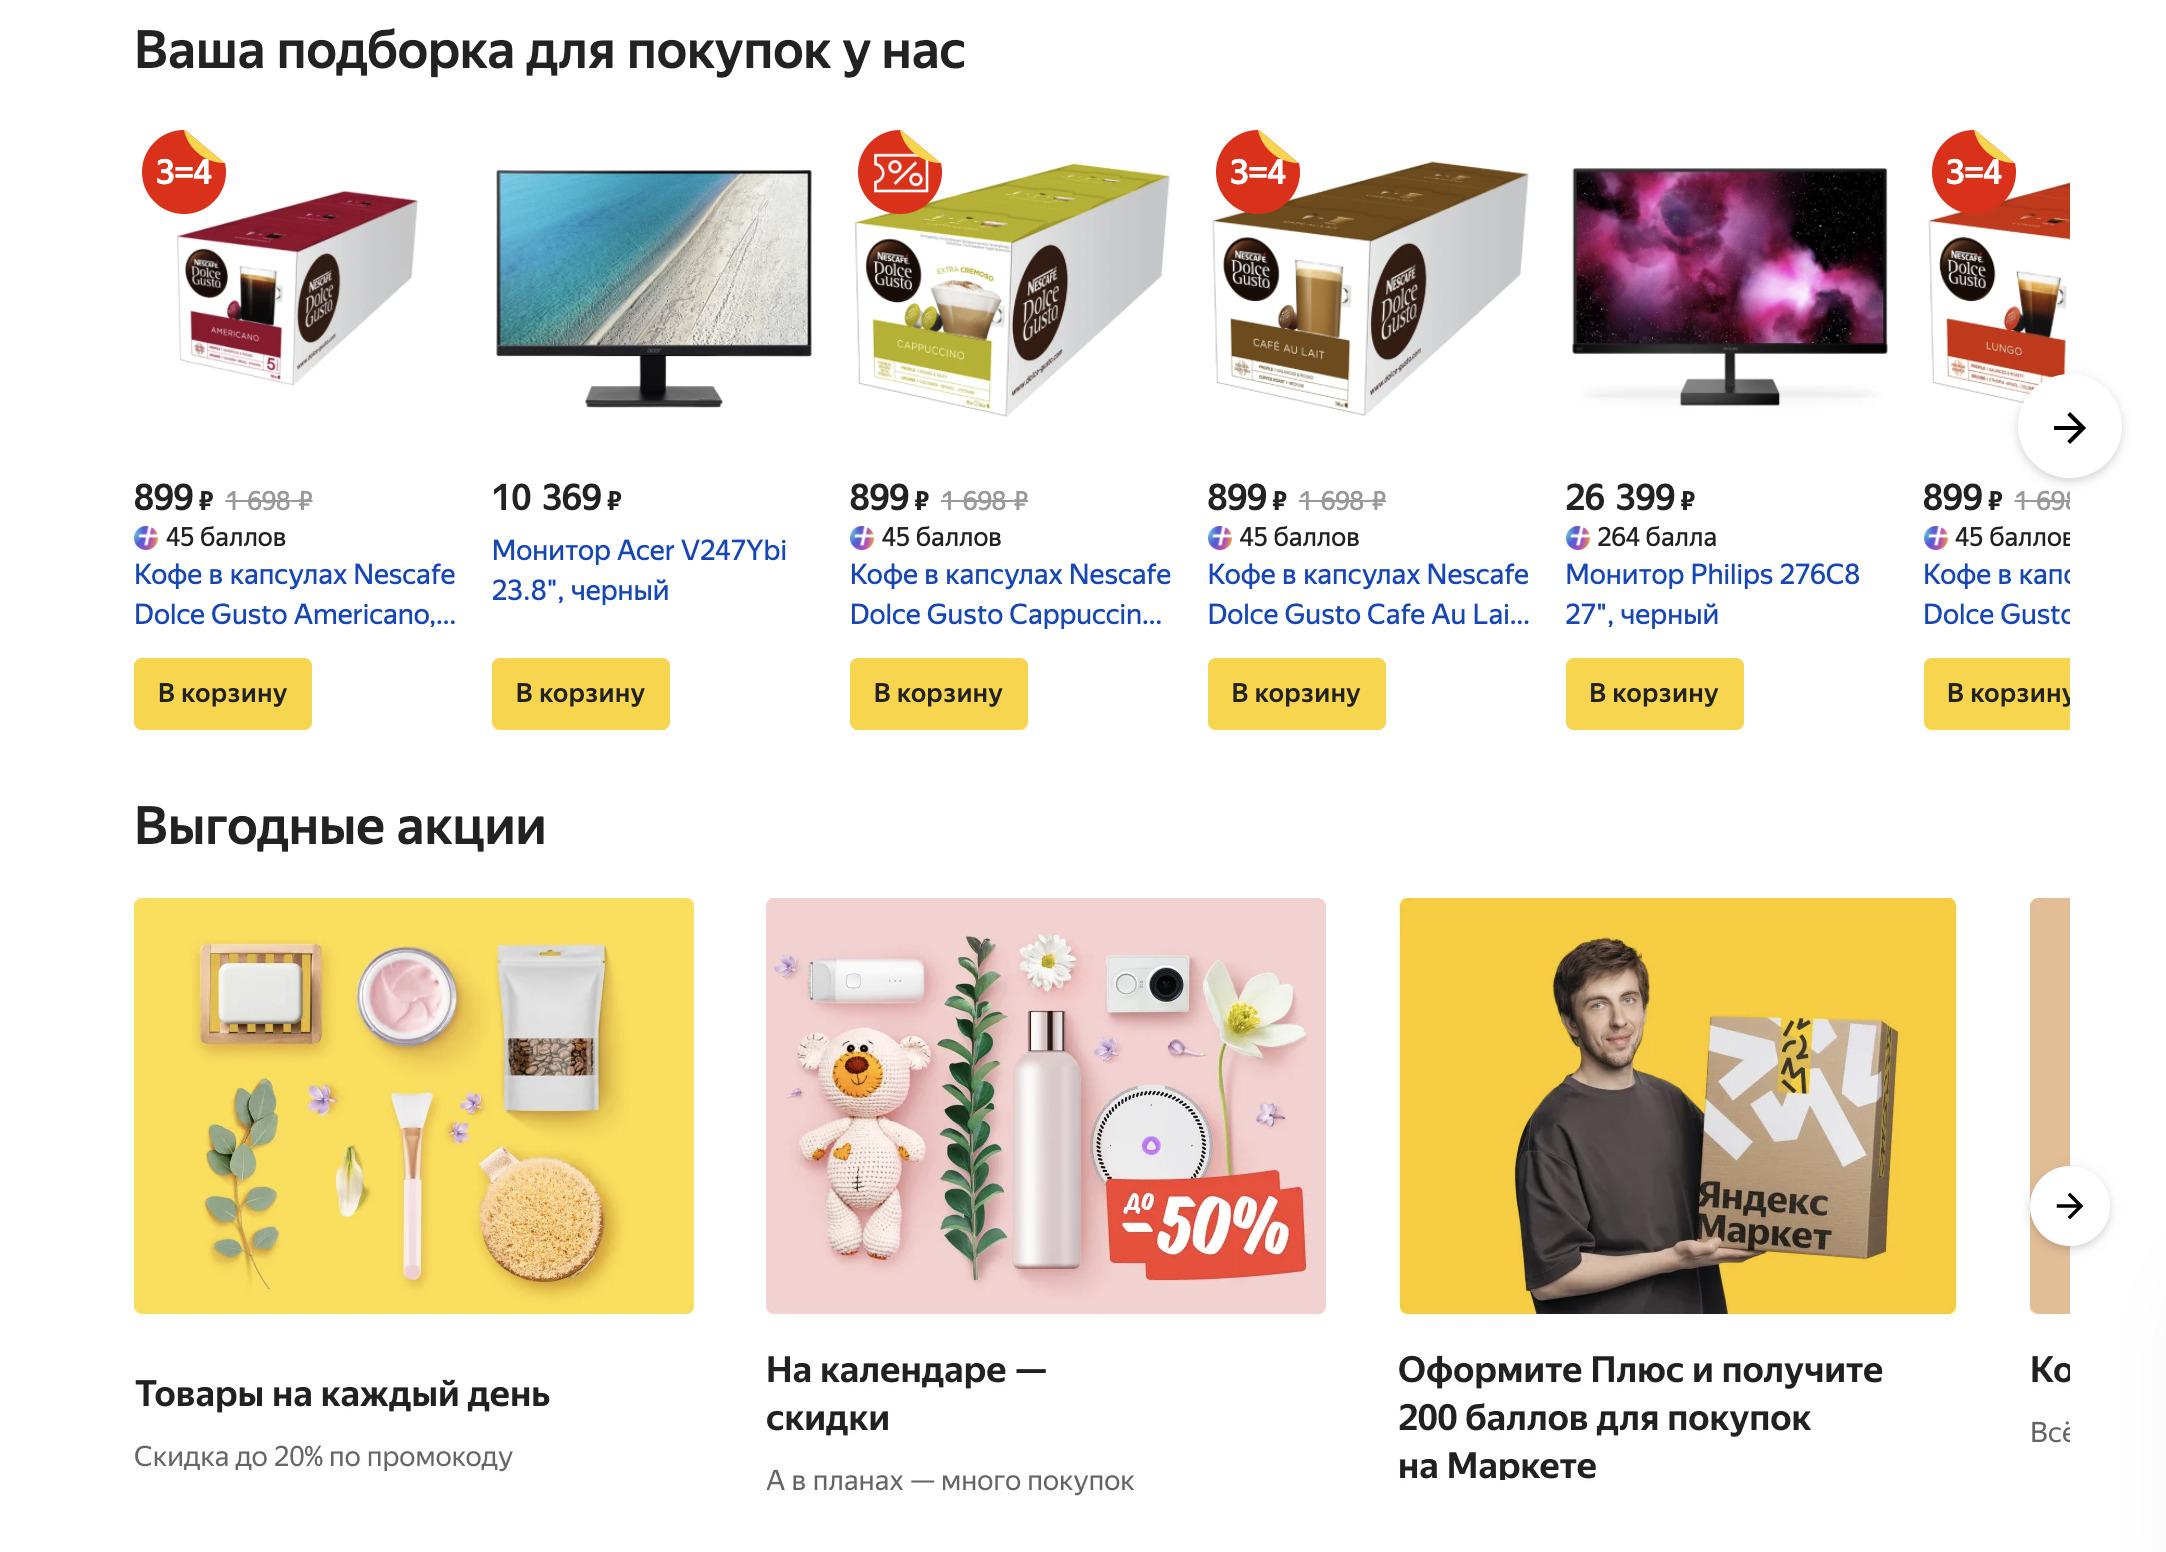 Доставка из Яндекс.Маркет в Гудермес, сроки, пункты выдачи, каталог